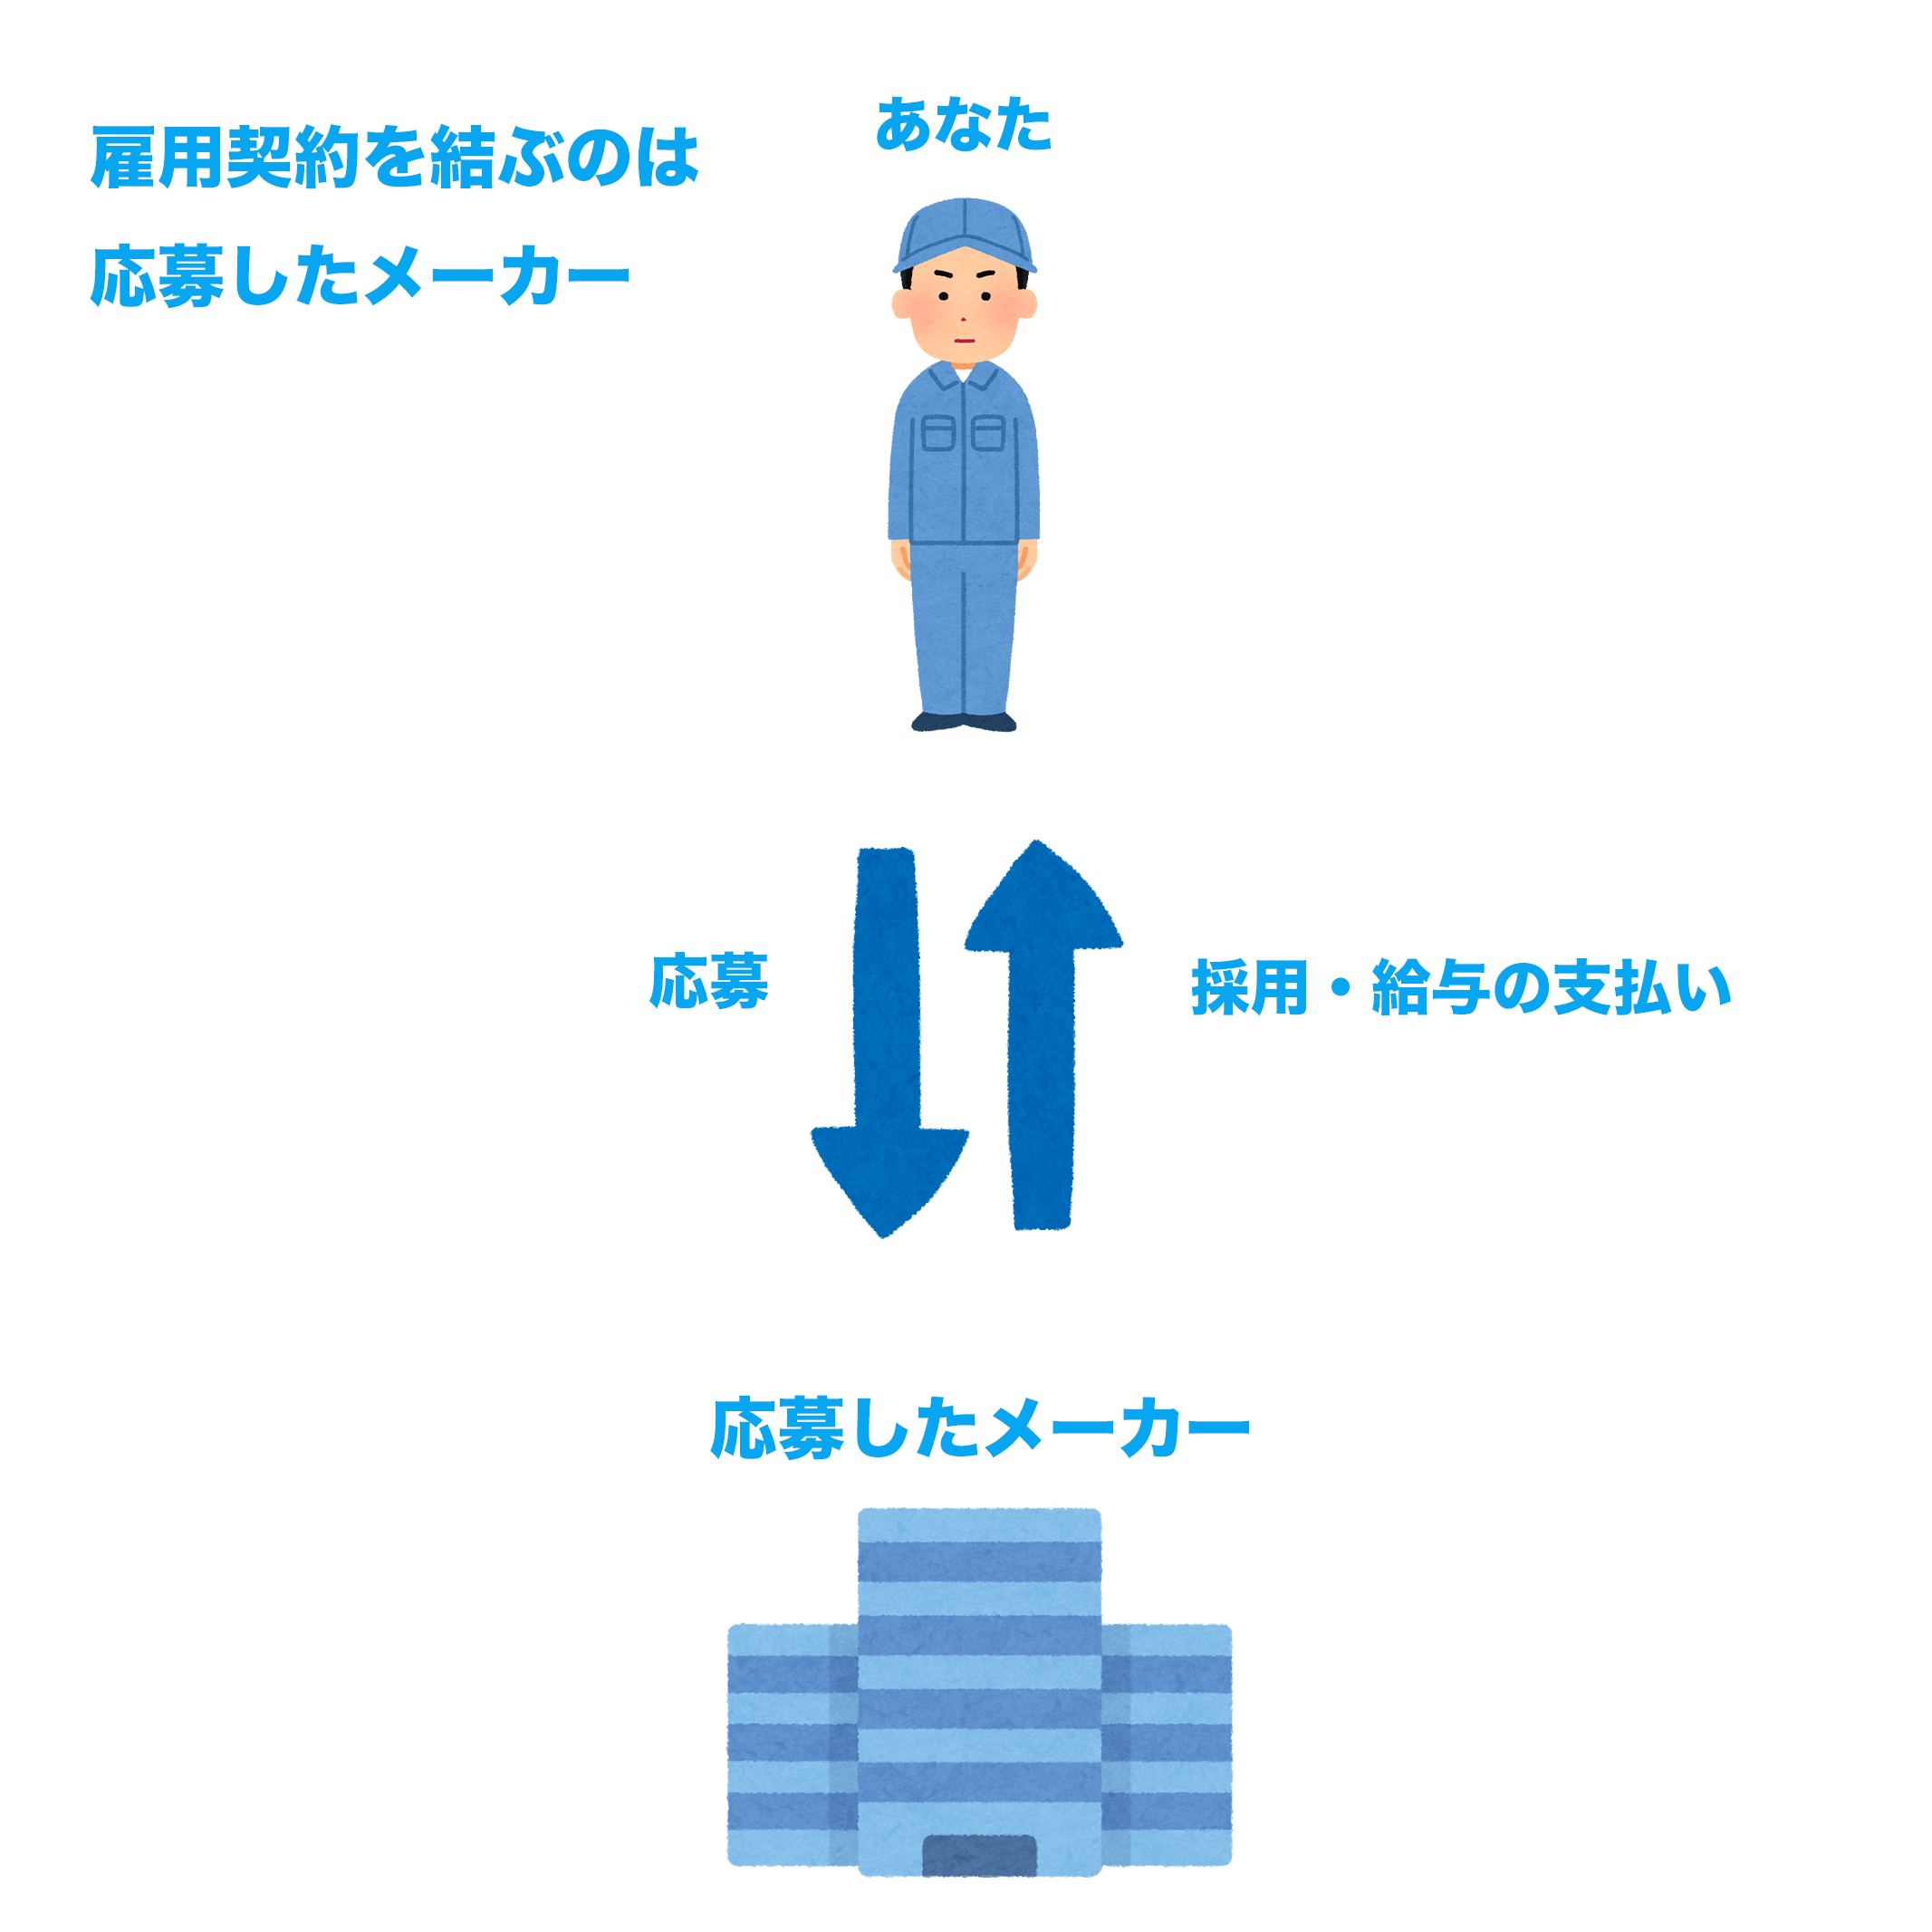 期間工に直接応募した際の雇用形態の図